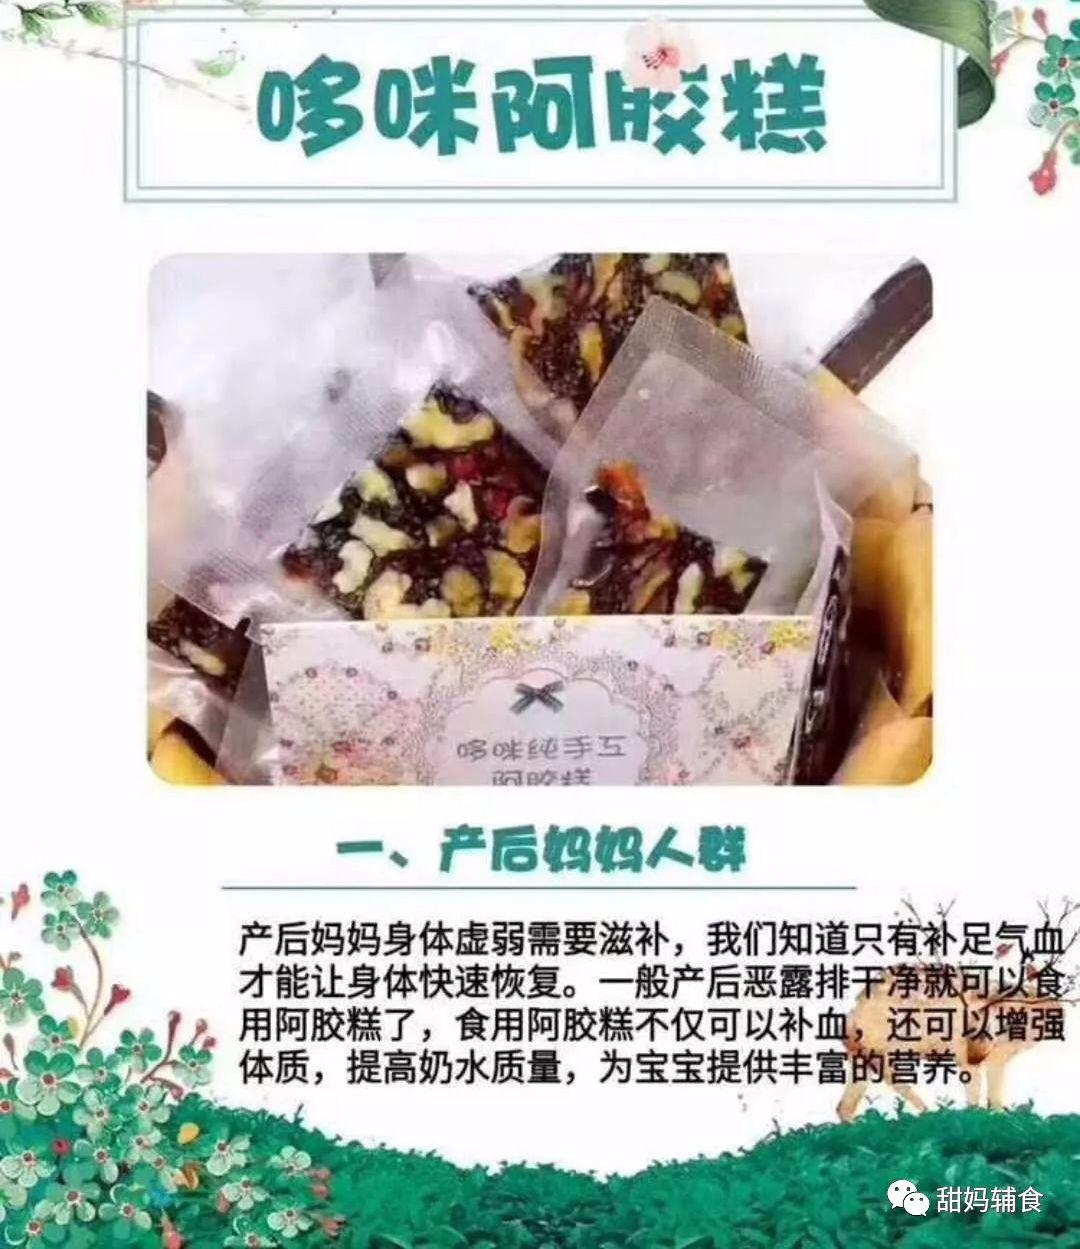 夏季渐临,最适宜吃的竟是阿胶!插图(1)